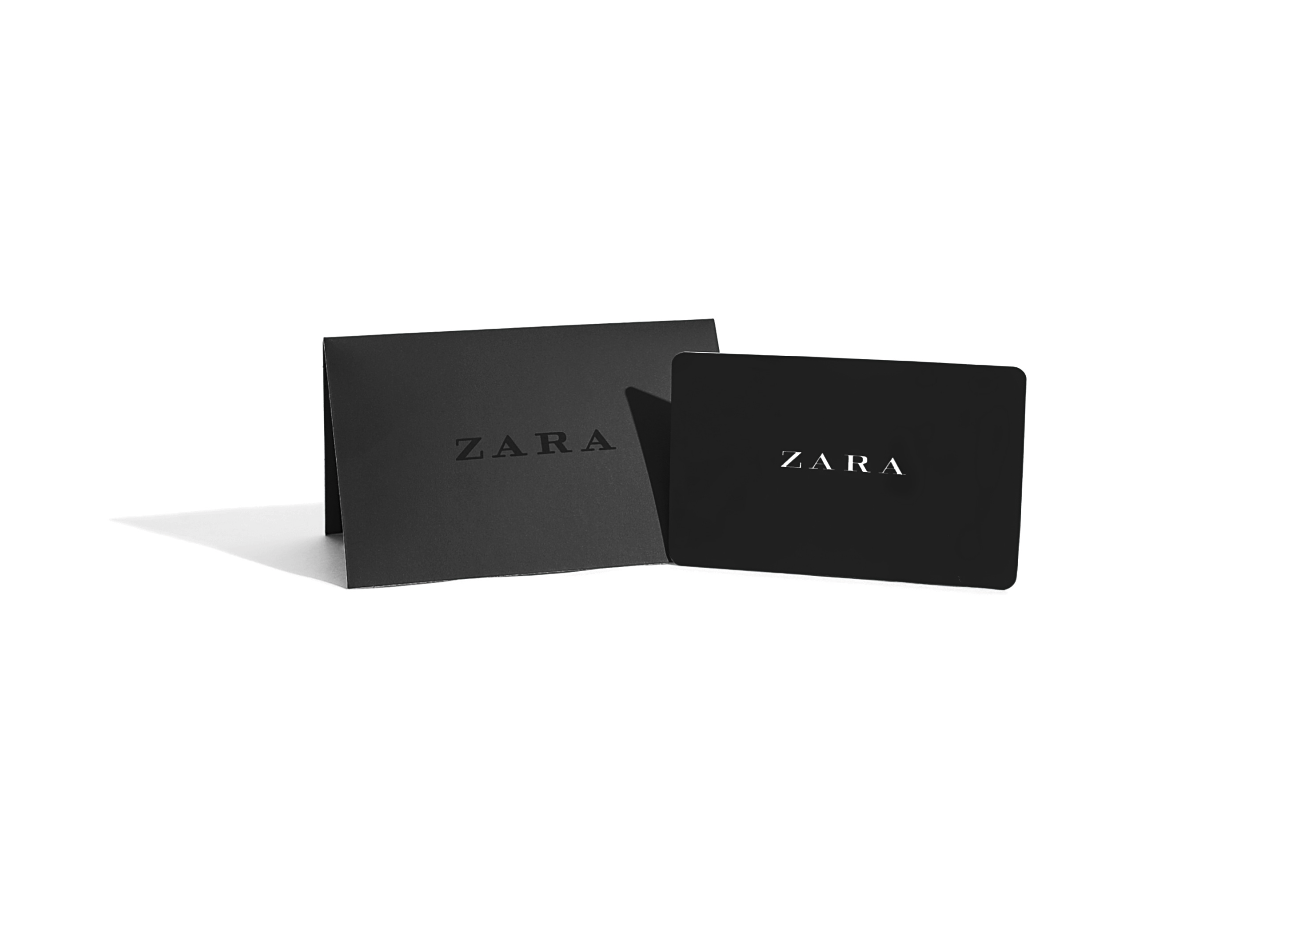 ZARA GIFT CARD - thisismaurix